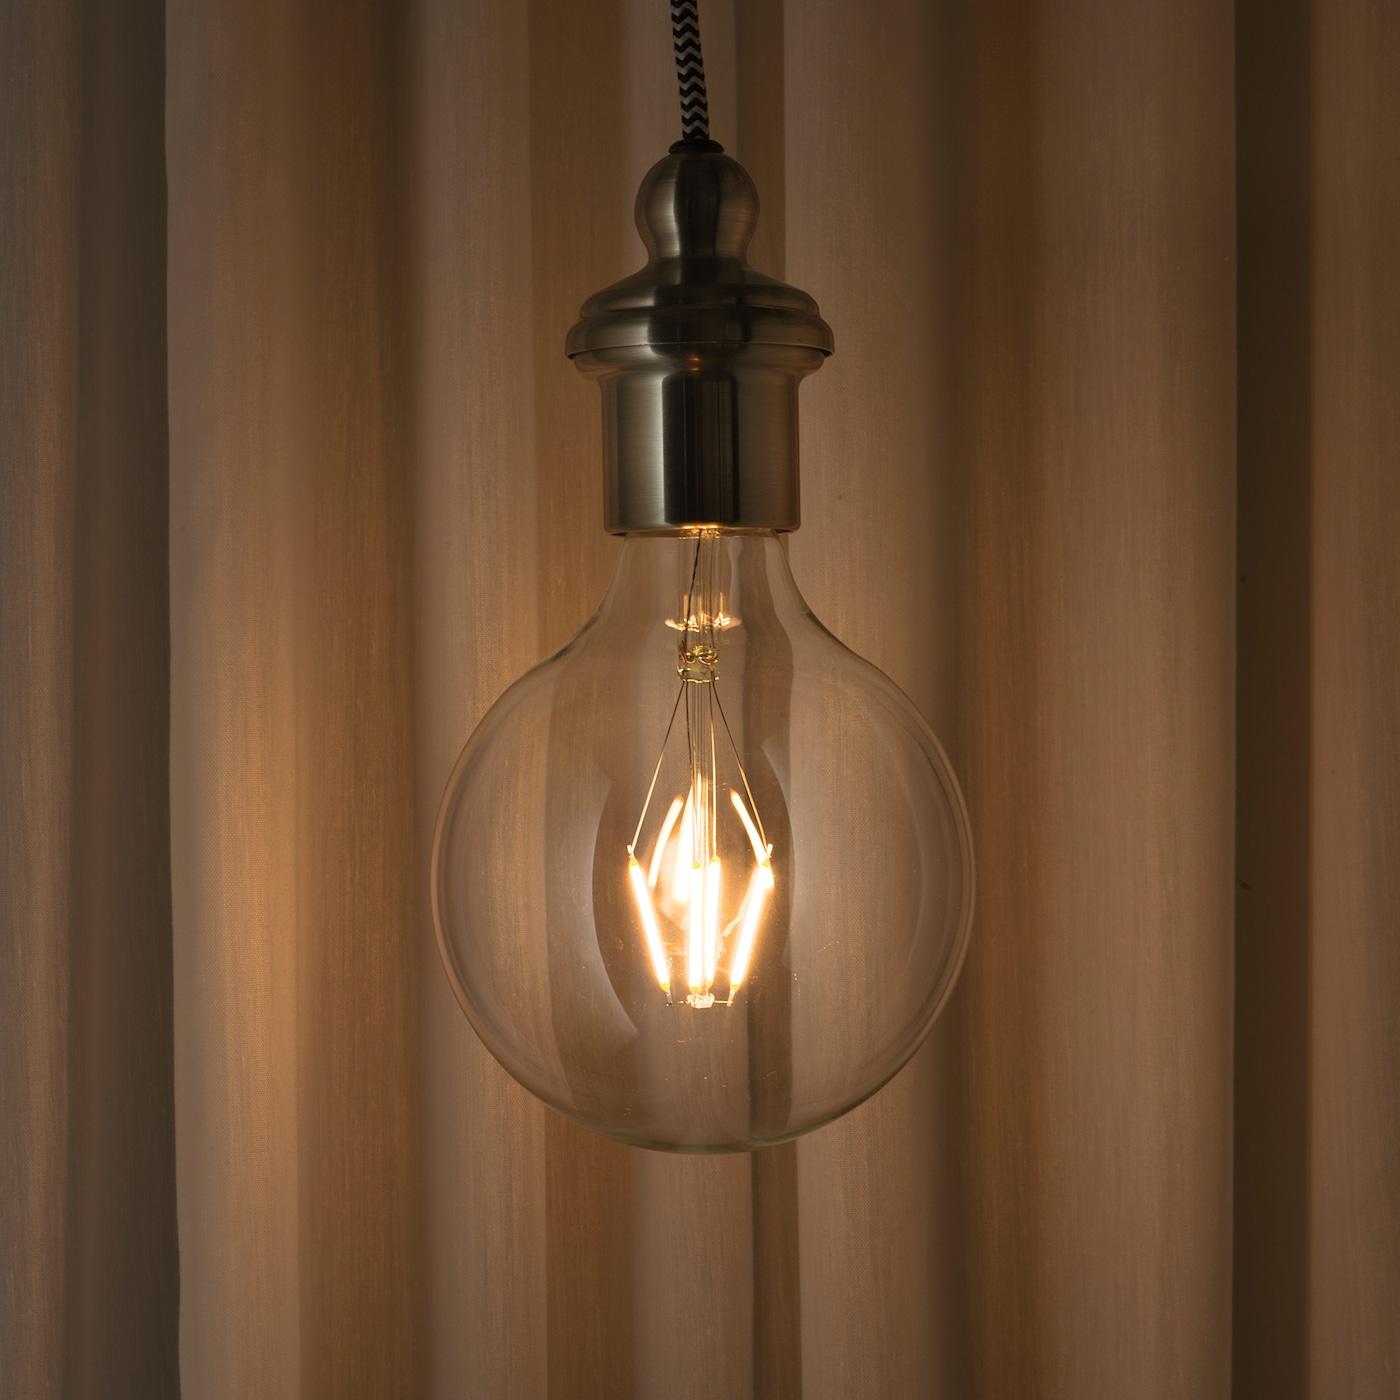 LUNNOM Bombilla LED E27 600 lúmenes globo vidrio incoloro 125 mm